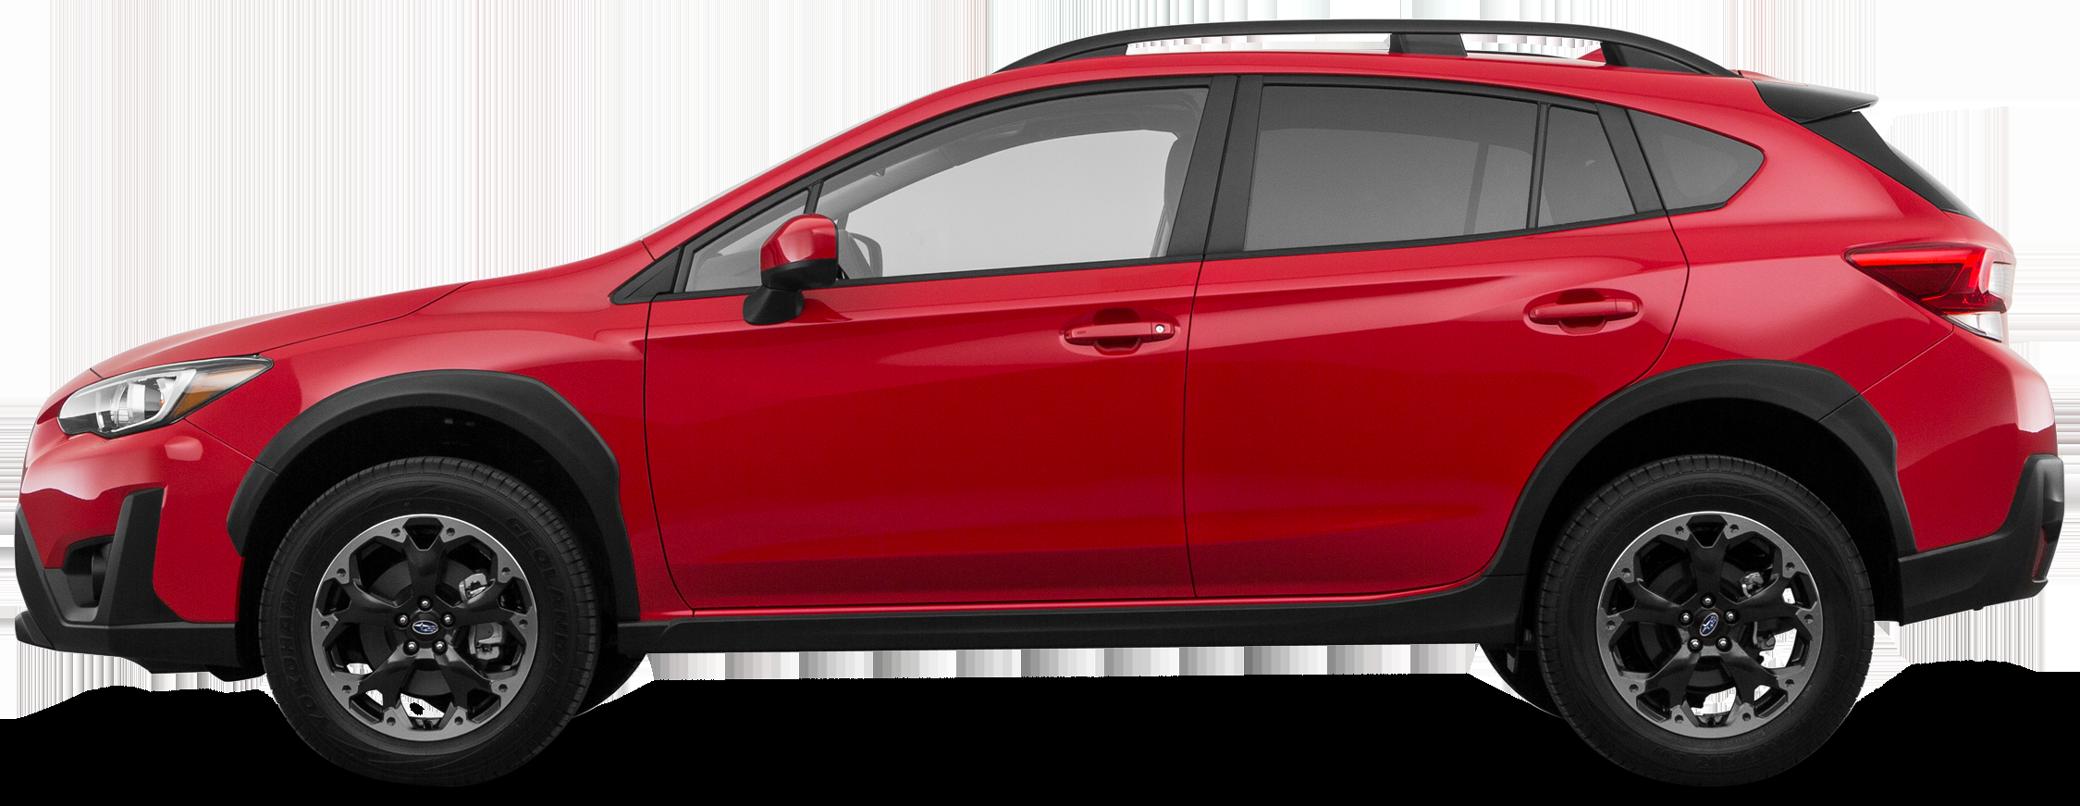 2021 Subaru Crosstrek SUV Touring